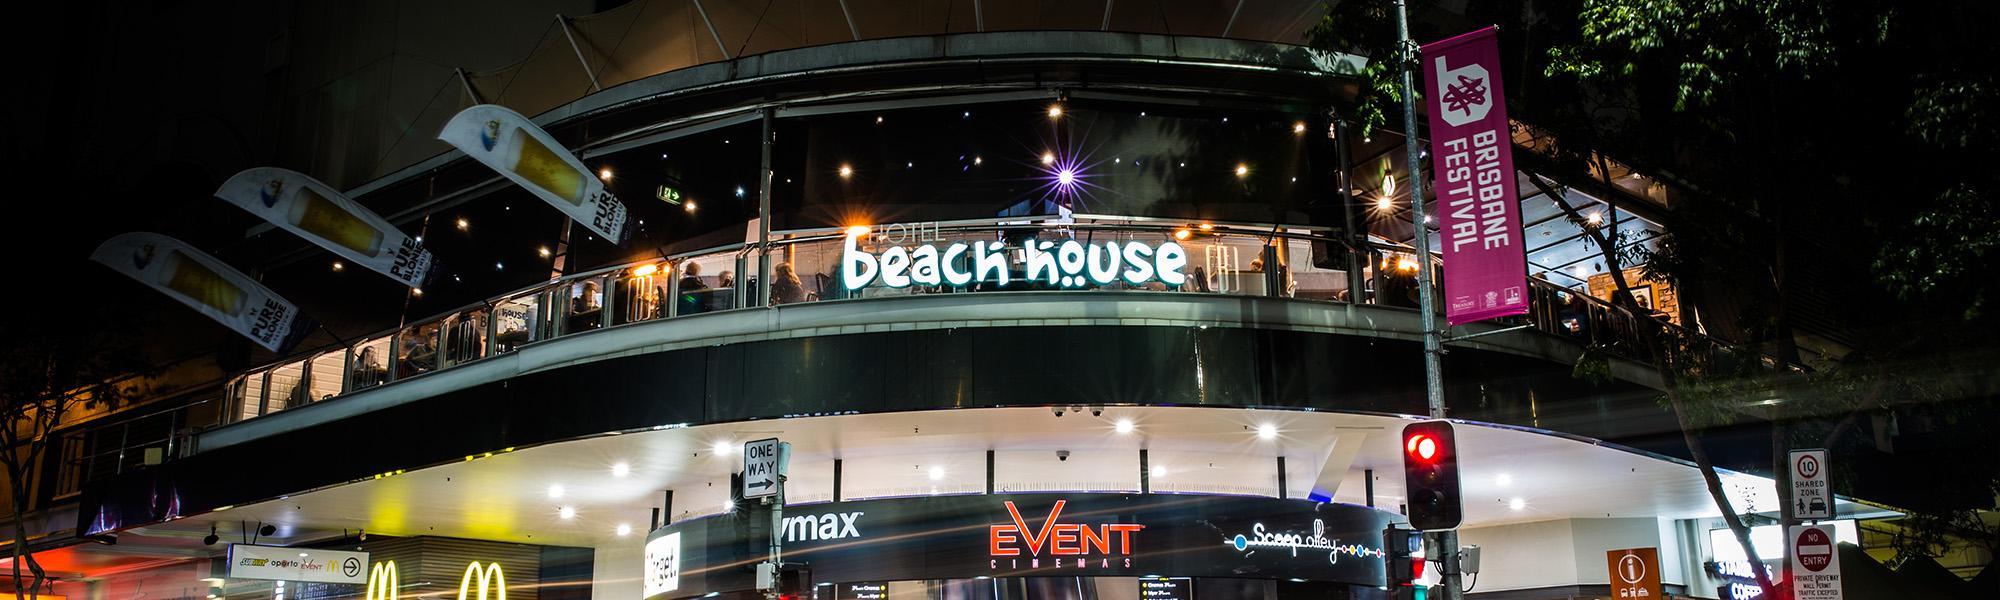 brisbane beach house